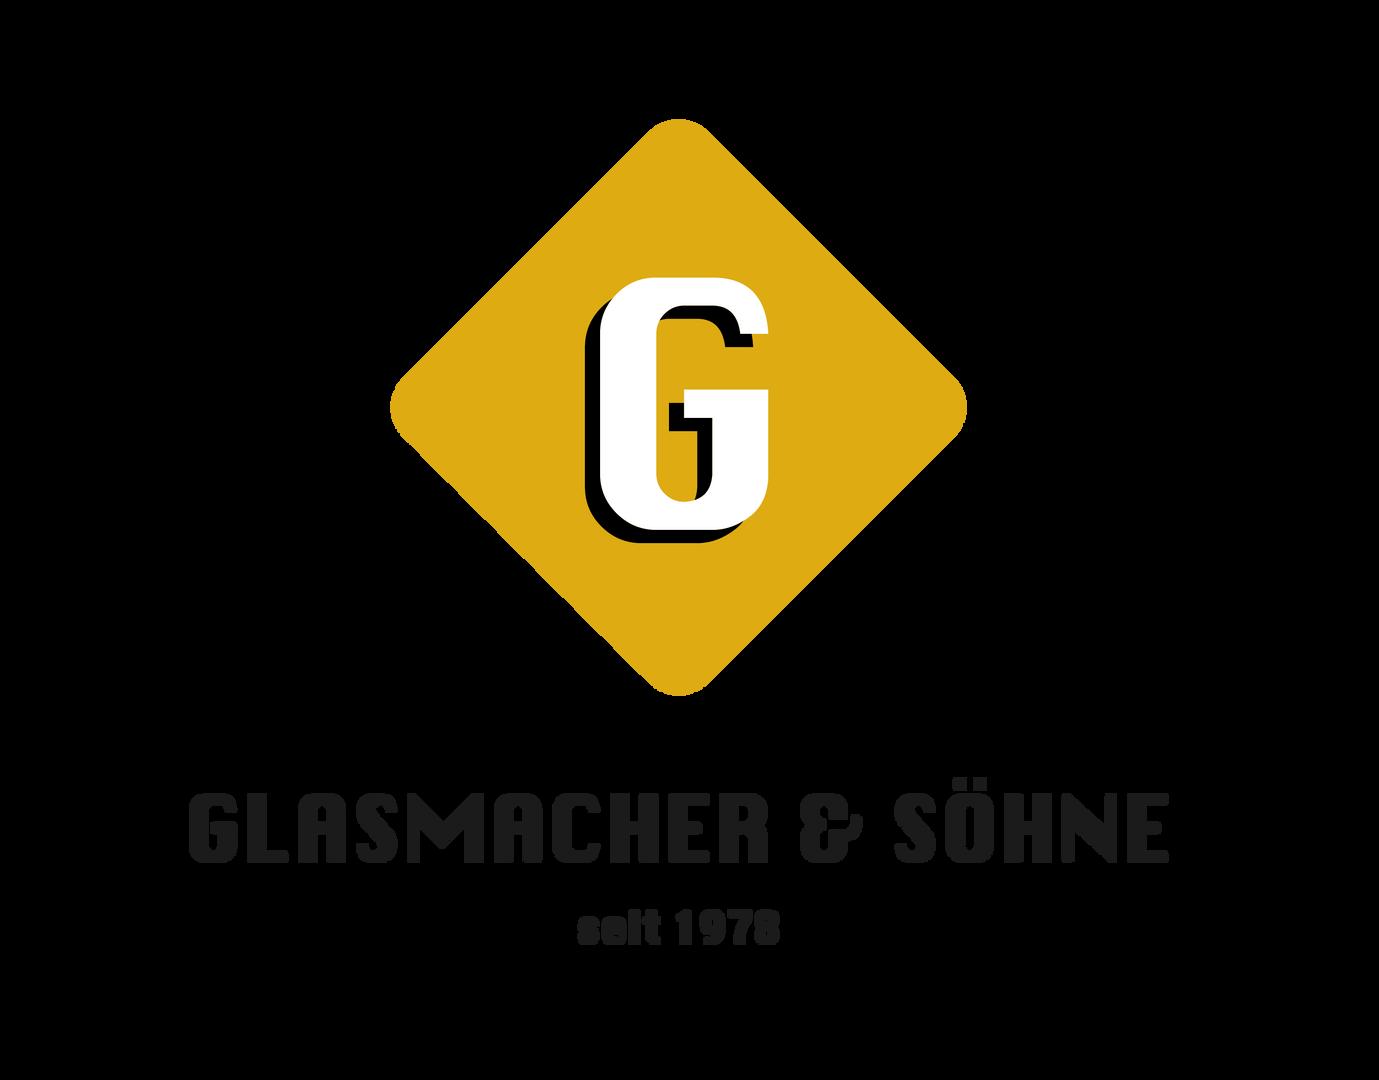 Logo_Glasmacher.png